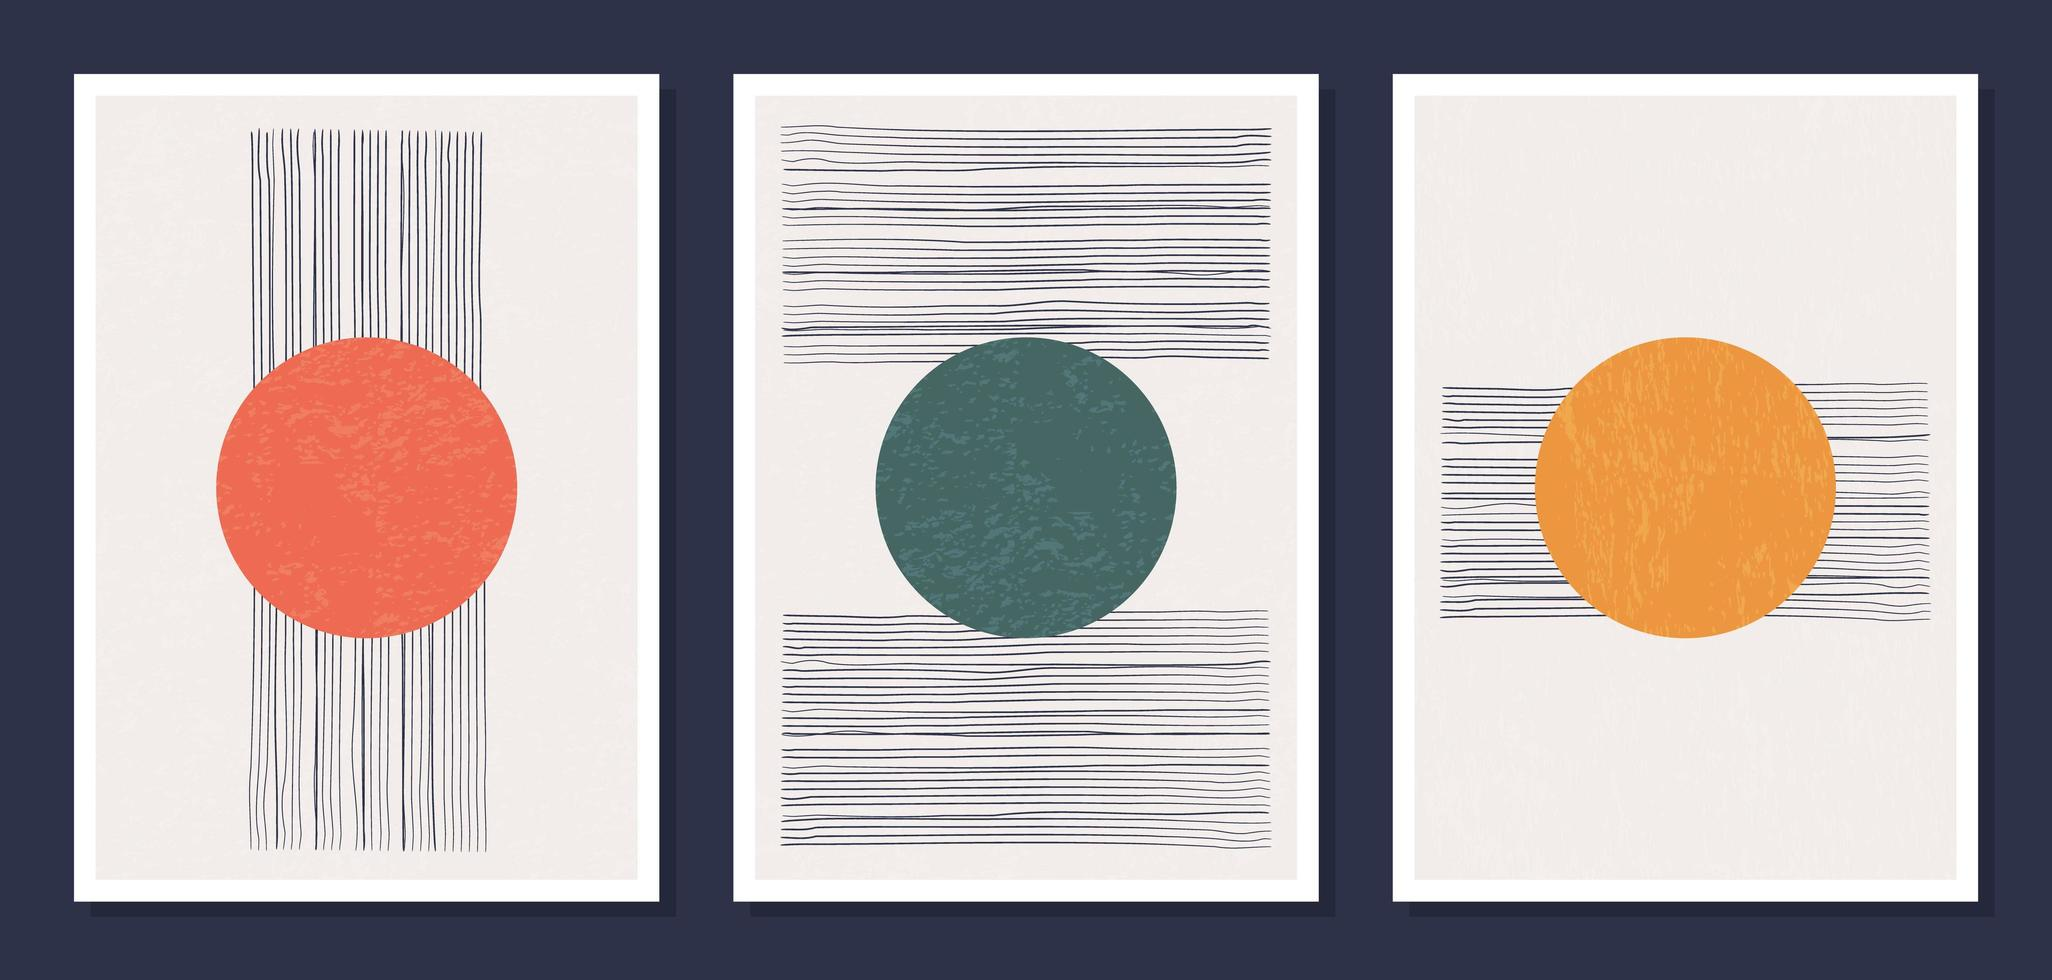 affiches murales minimalistes art vectoriel géométrique. Ensemble de modèle de vecteur d'affiches contemporaines abstraites géométriques minimales des années 20 avec des éléments de formes primitives idéal pour la décoration murale style hipster moderne